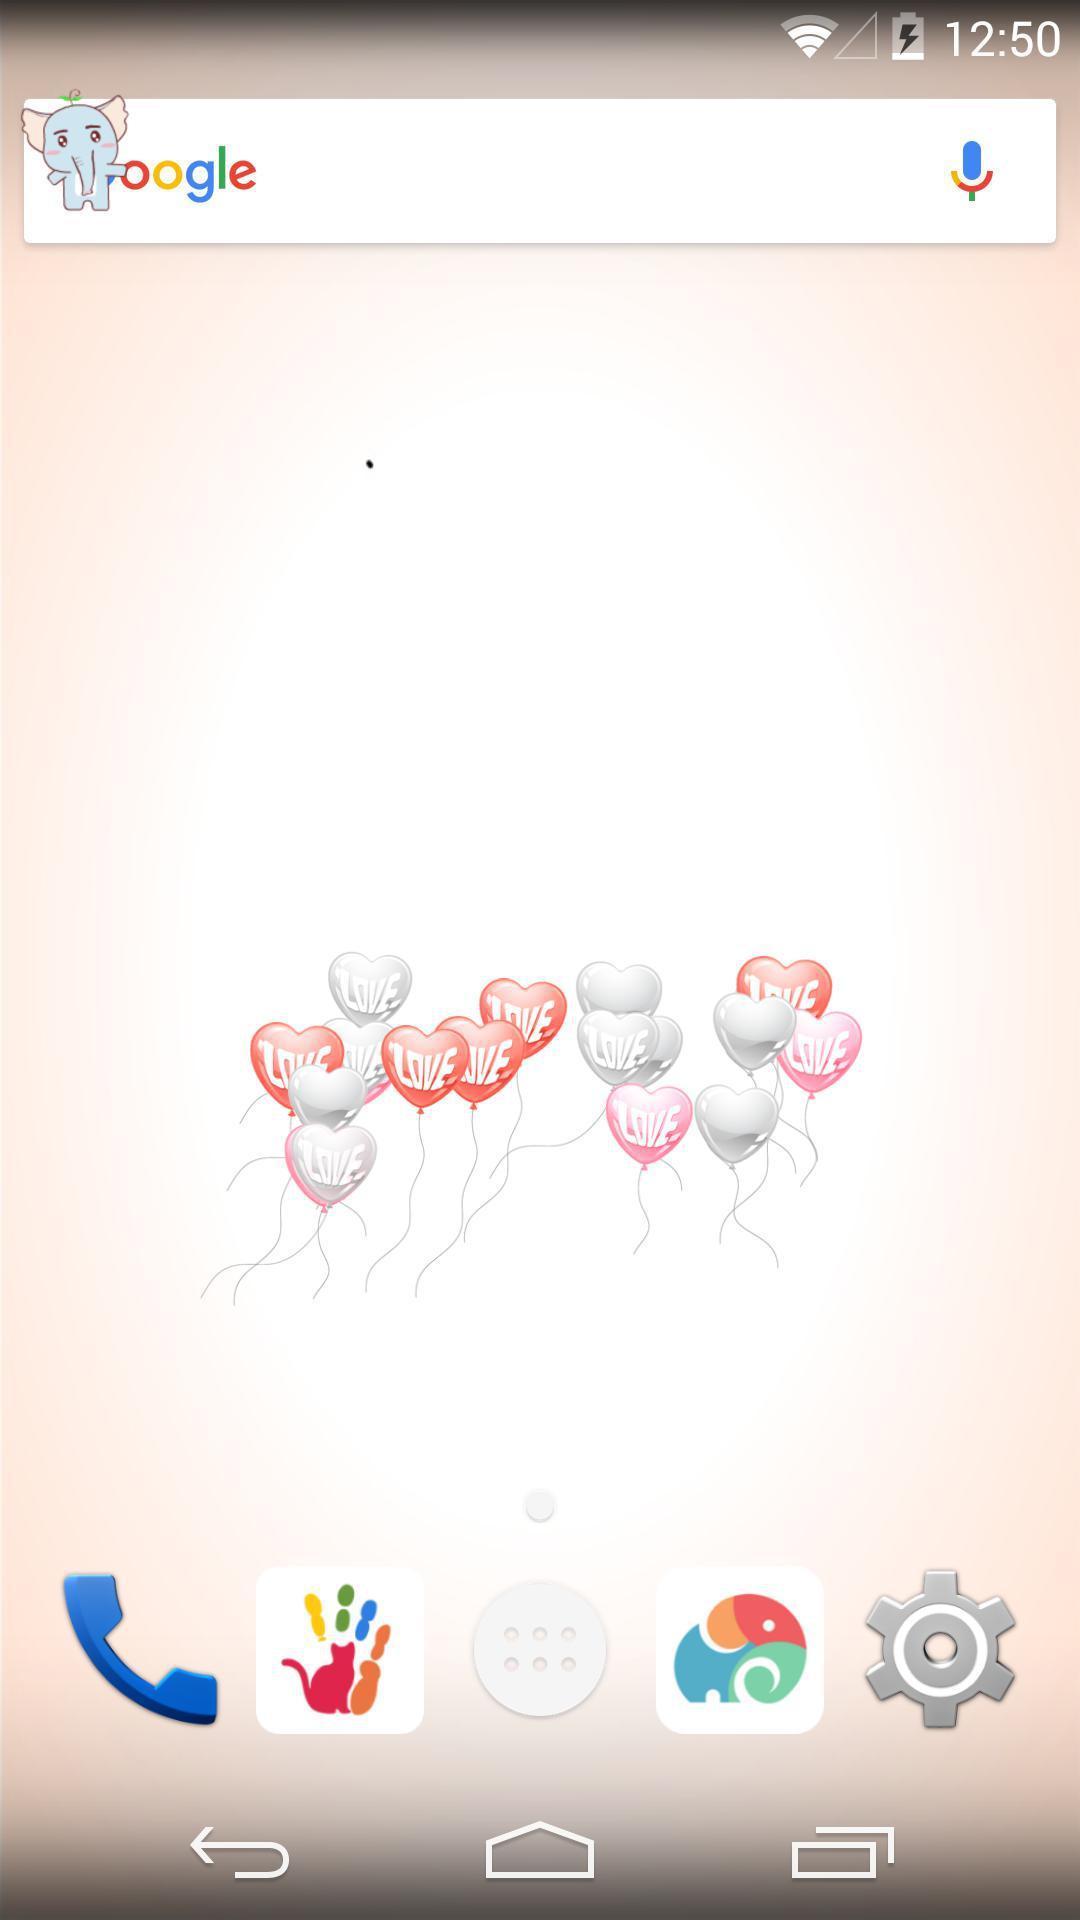 爱心气球-梦象动态壁纸截图1